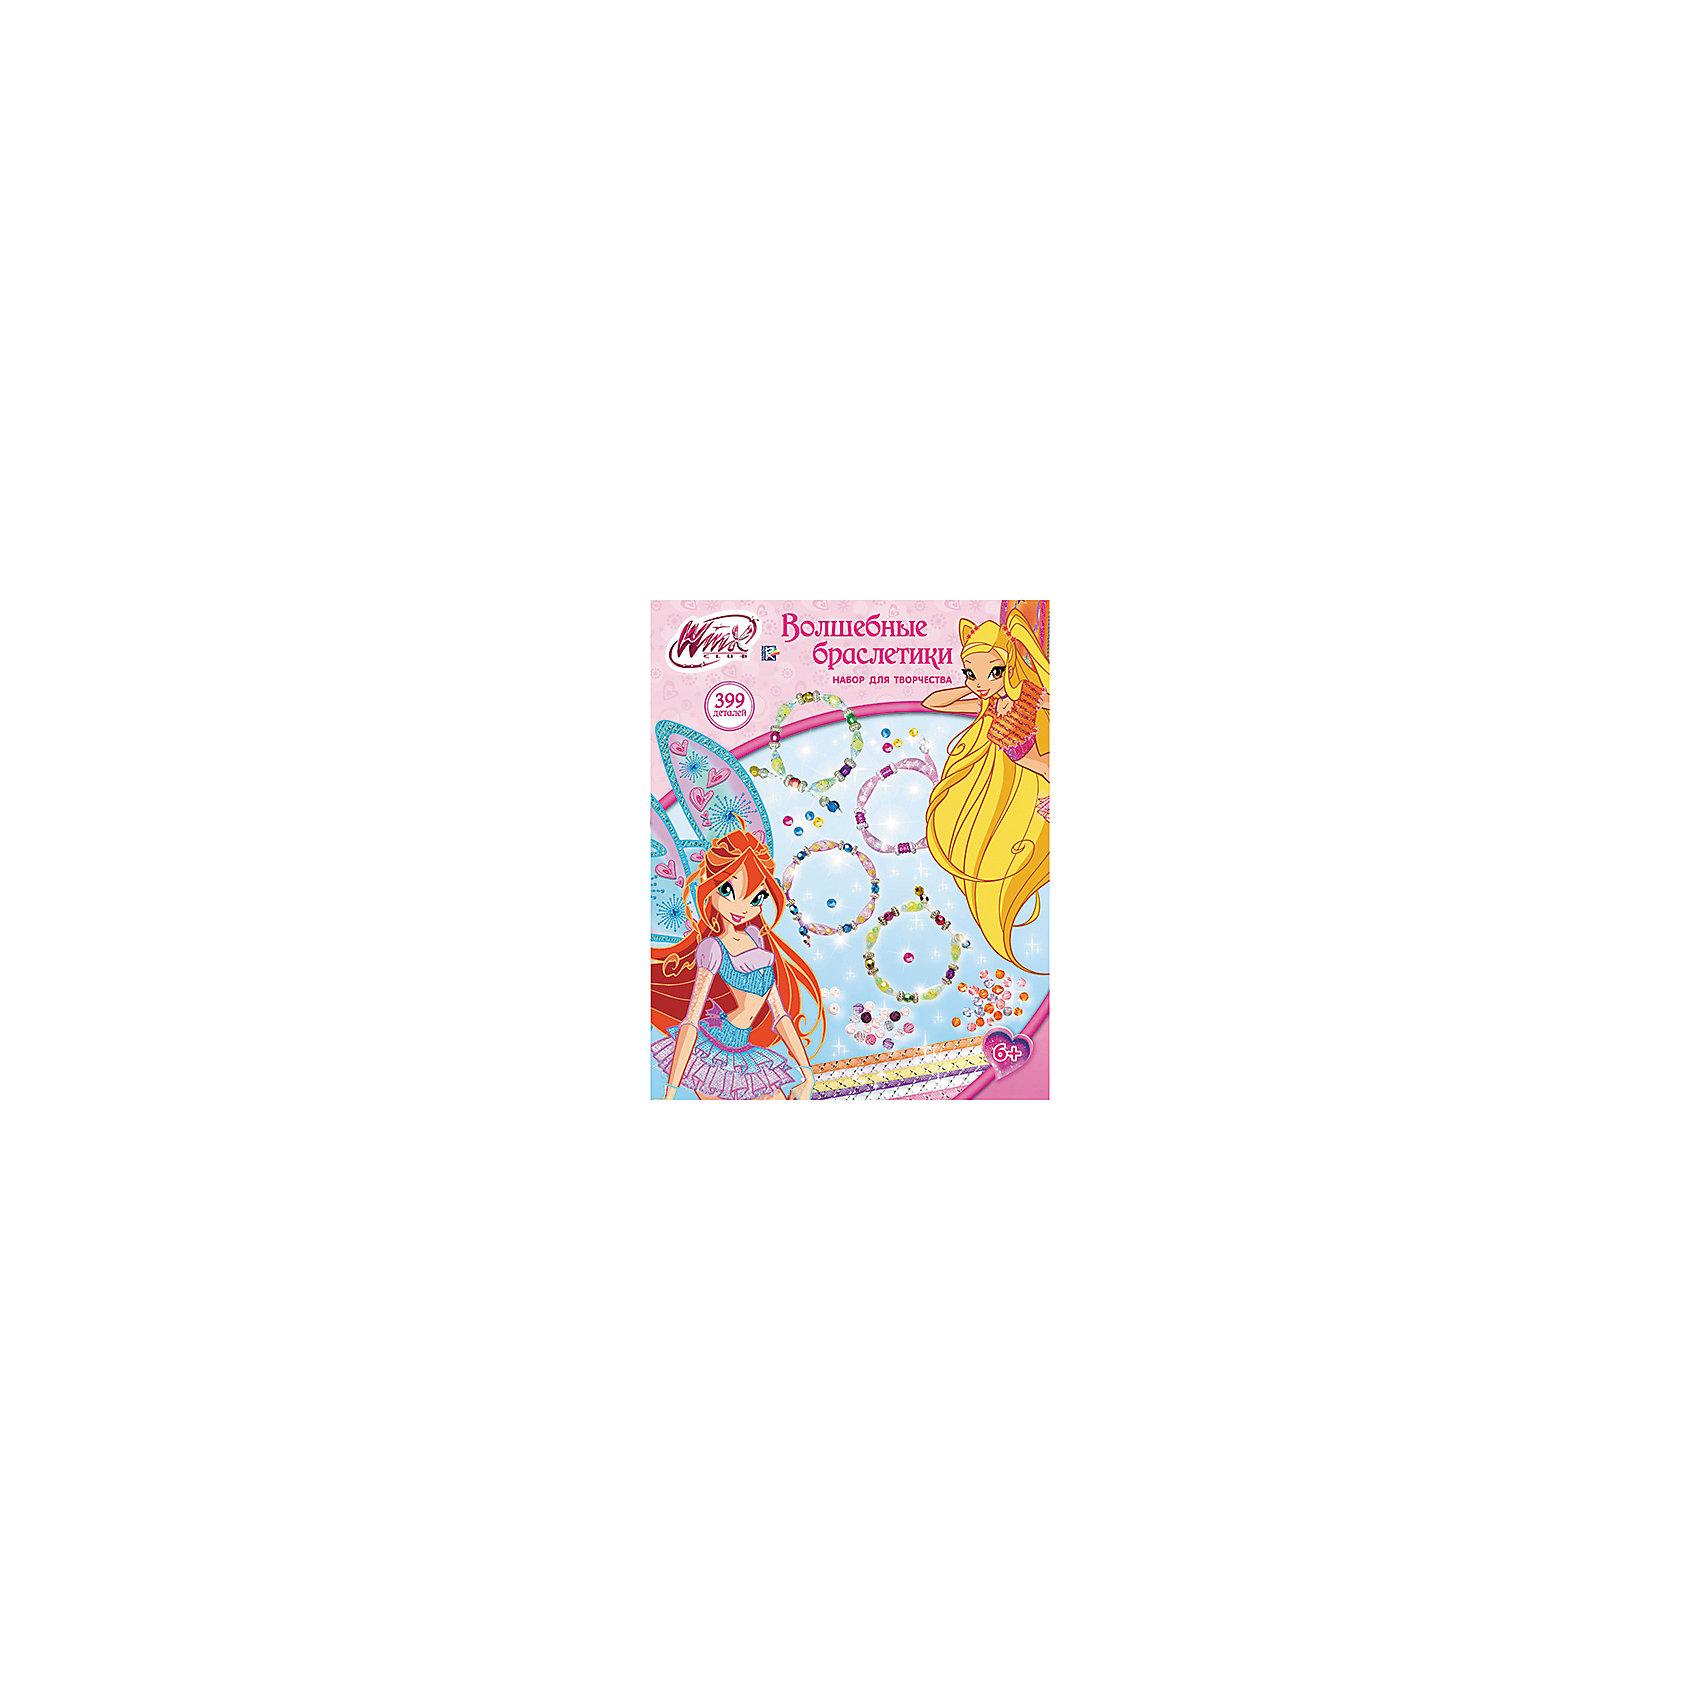 Набор Волшебные браслетики, Winx Club, в ассортиментеС помощью  набора Волшебные браслетики девочка с легкостью сможет создать себе украшения в стиле любимых героинь мультсериала Winx. В наборе 399 деталей, из которых можно создать разные браслетики на все случаи жизни!<br>Дополнительная информация:<br>-в наборе: 399 бусин, бисер, резиночки<br>Сказочный персонаж: Winx Club<br>-вес: 220 грамм<br>-размер упаковки: 22x26x4 см<br>Набор Волшебные браслетики Winx Club вы можете купить в нашем интернет-магазине.<br><br>Ширина мм: 40<br>Глубина мм: 260<br>Высота мм: 220<br>Вес г: 220<br>Возраст от месяцев: 72<br>Возраст до месяцев: 108<br>Пол: Женский<br>Возраст: Детский<br>SKU: 4915436